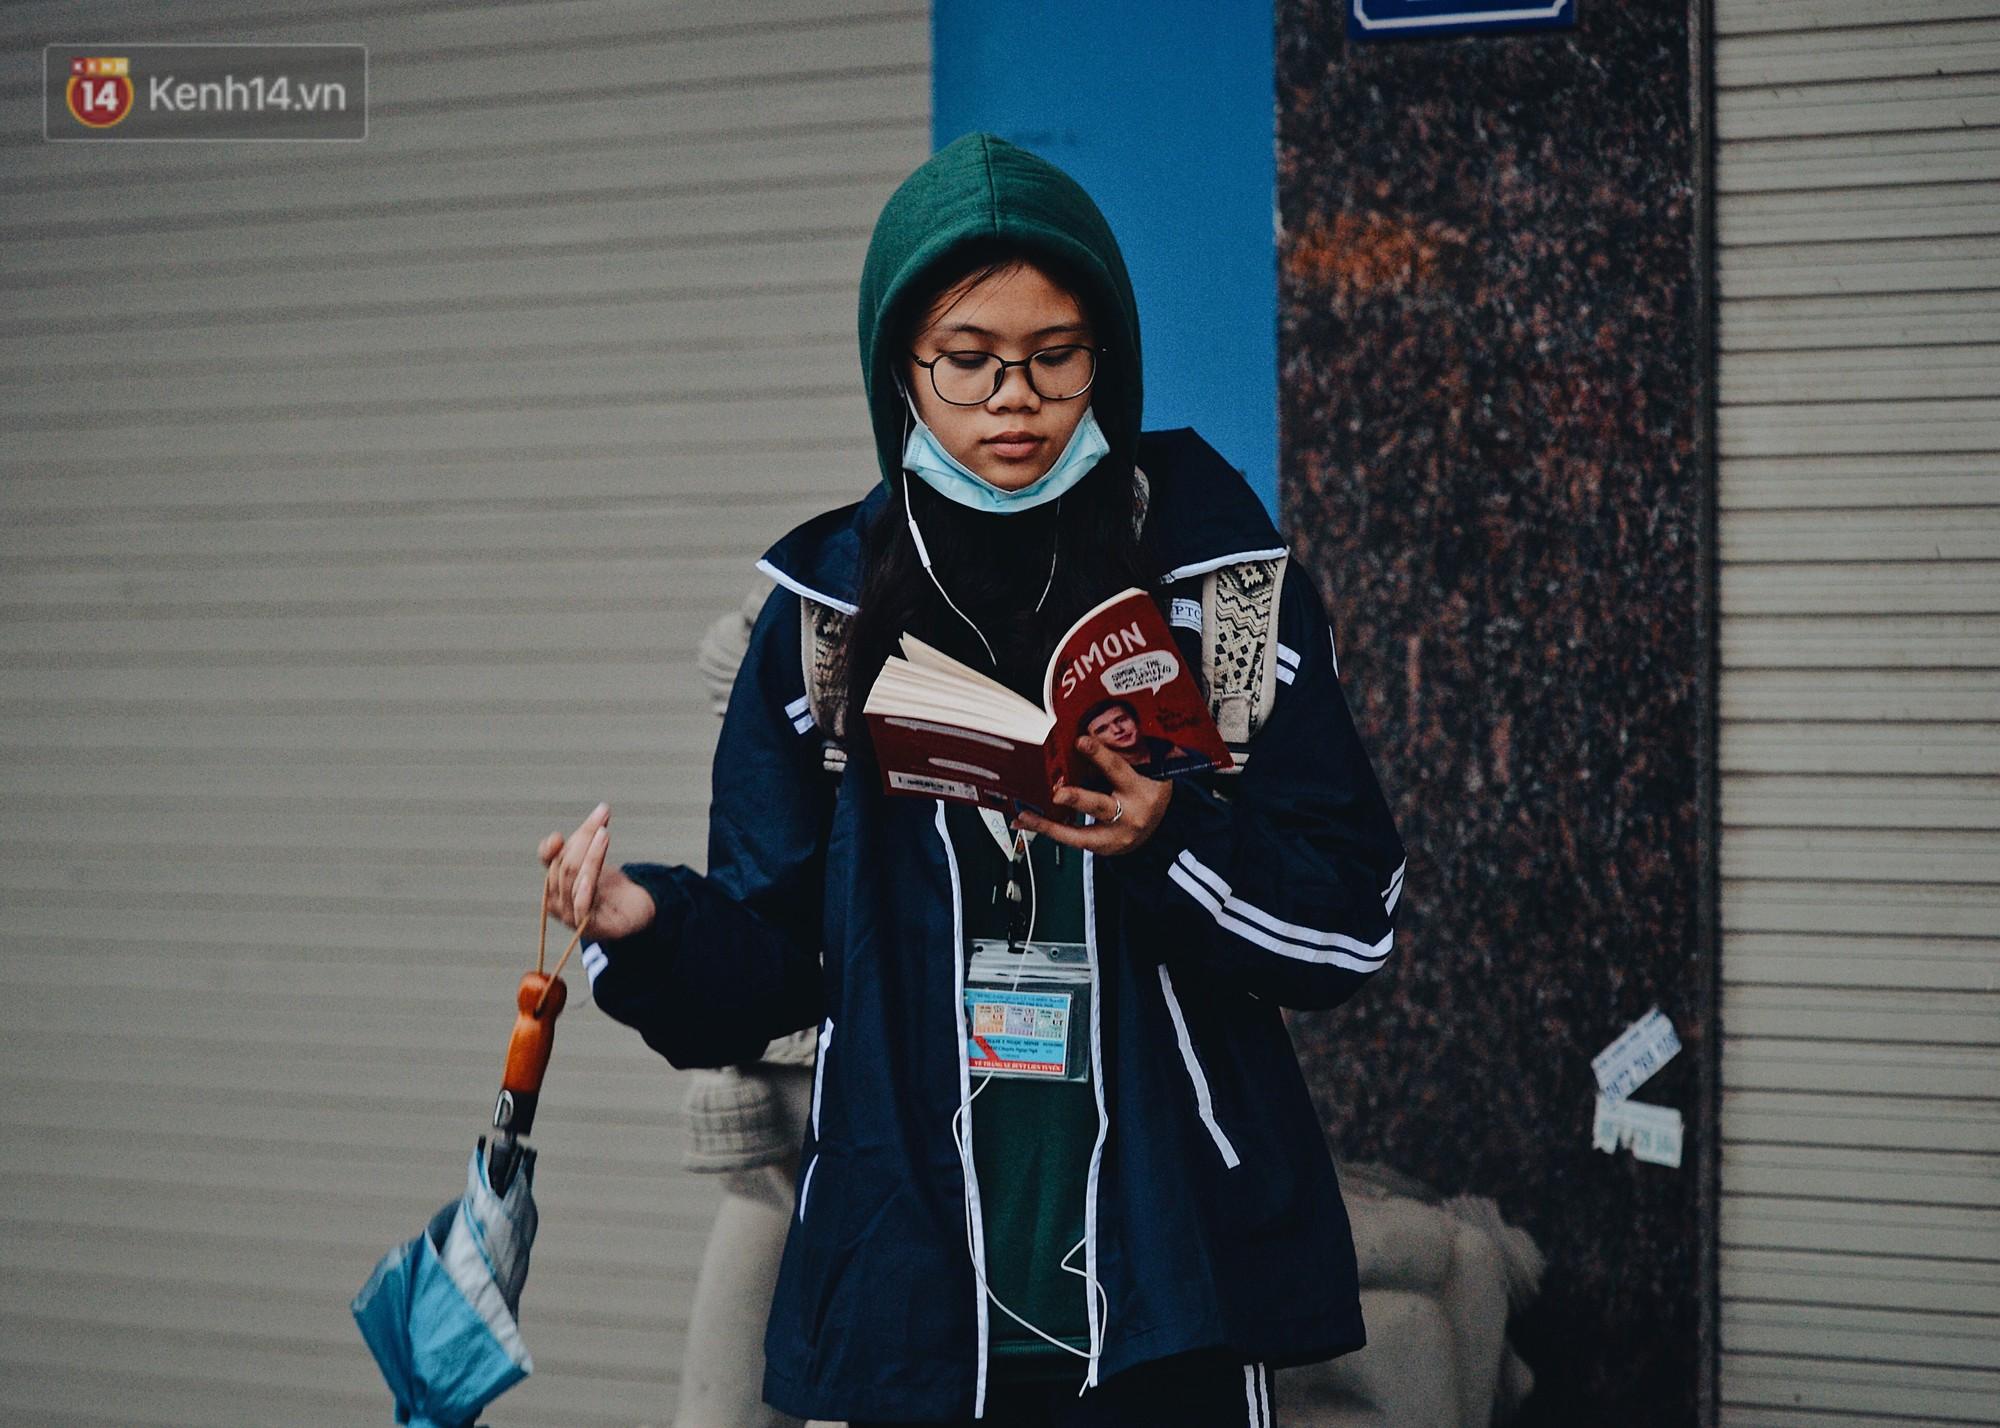 Chùm ảnh: Sau một đêm trở gió Hà Nội mưa lạnh xuống đến 17 độ C, người dân co ro ra đường - Ảnh 11.